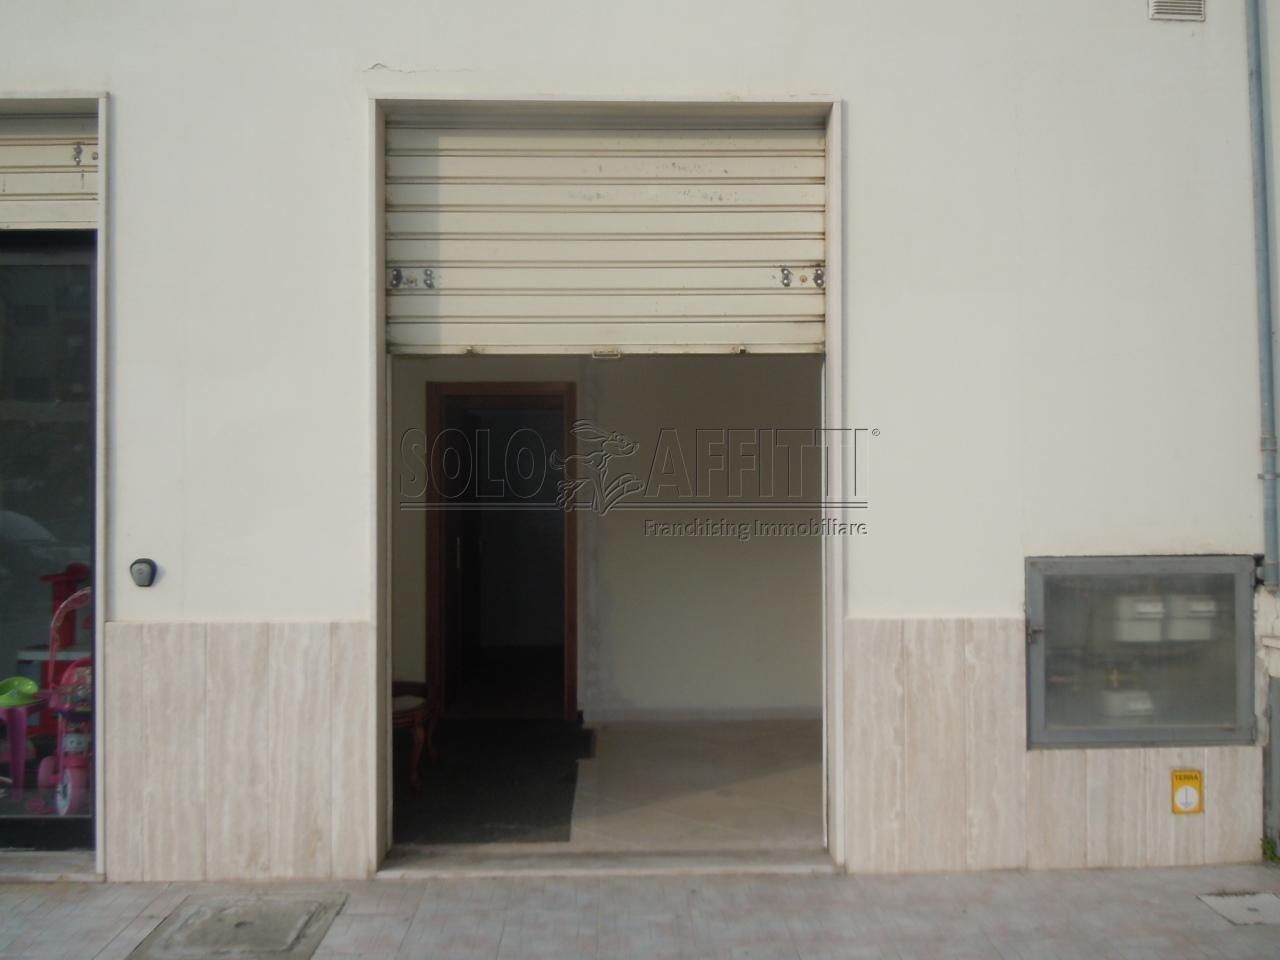 Ufficio - 1 locale a Lido Casciolino, Catanzaro Rif. 4132929